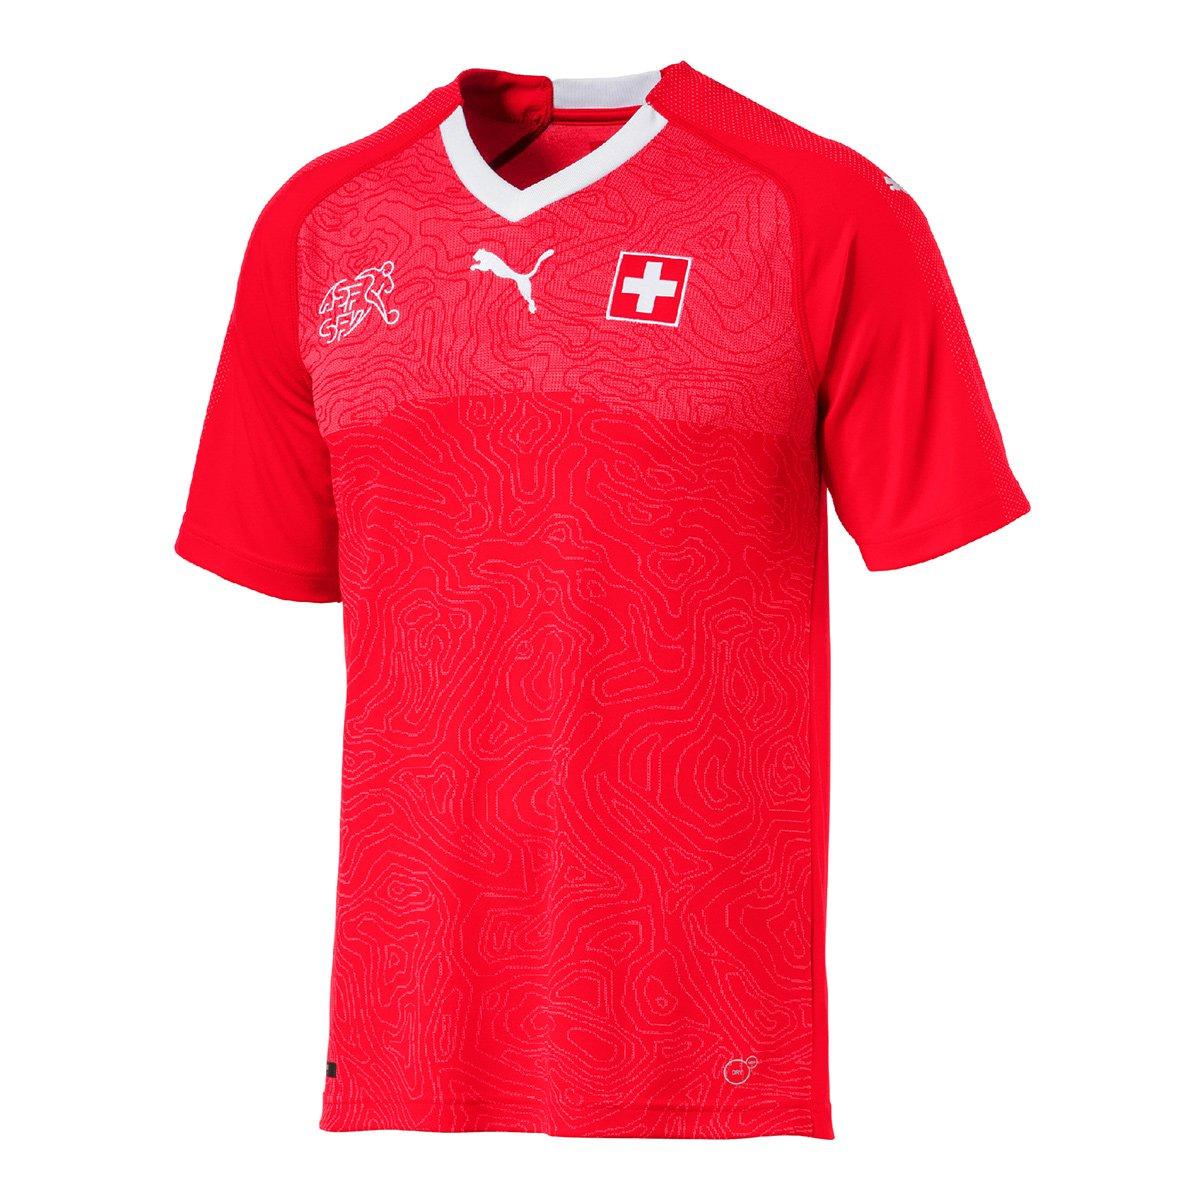 7e5f13071753d Camisa Seleção Suíça Home 2018 s nº - Torcedor Puma Masculina - Compre  Agora